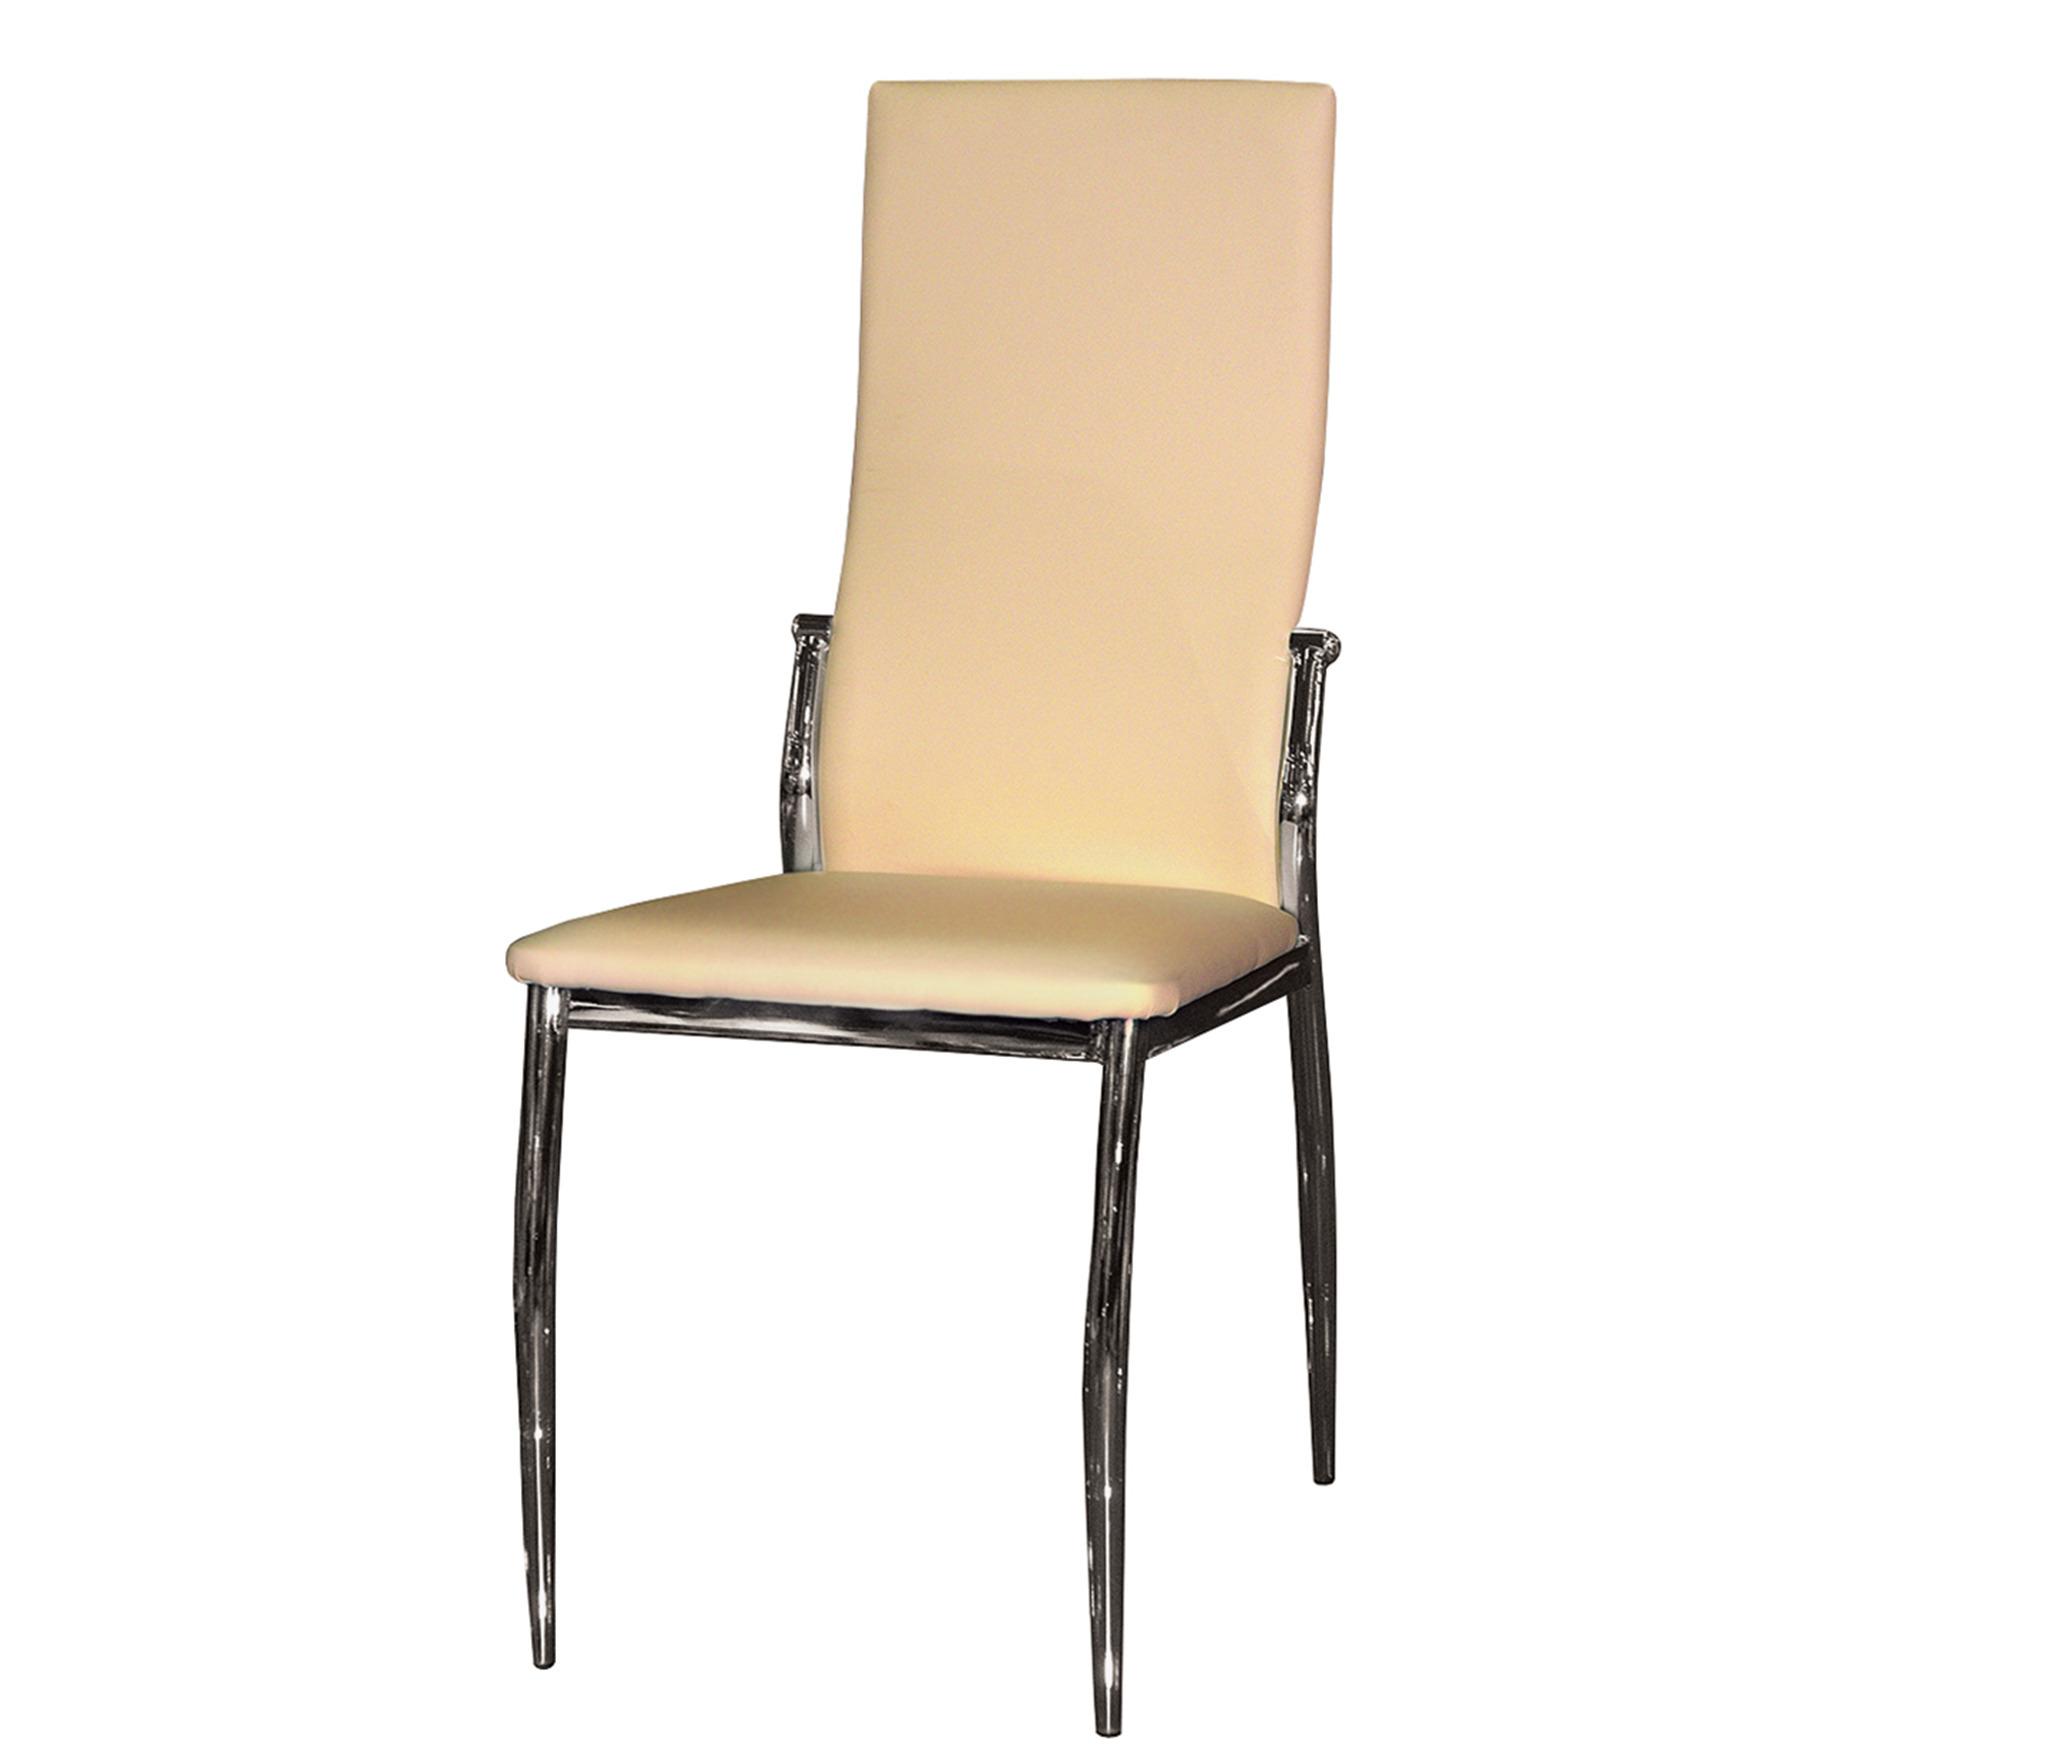 Стул Галс (Зевс) хром/бежевыйОбеденные группы<br>Материал корпуса: Металл&#13;Материал сидения: Искусственная кожа&#13;]]&gt;<br><br>Длина мм: 450<br>Высота мм: 1000<br>Глубина мм: 450